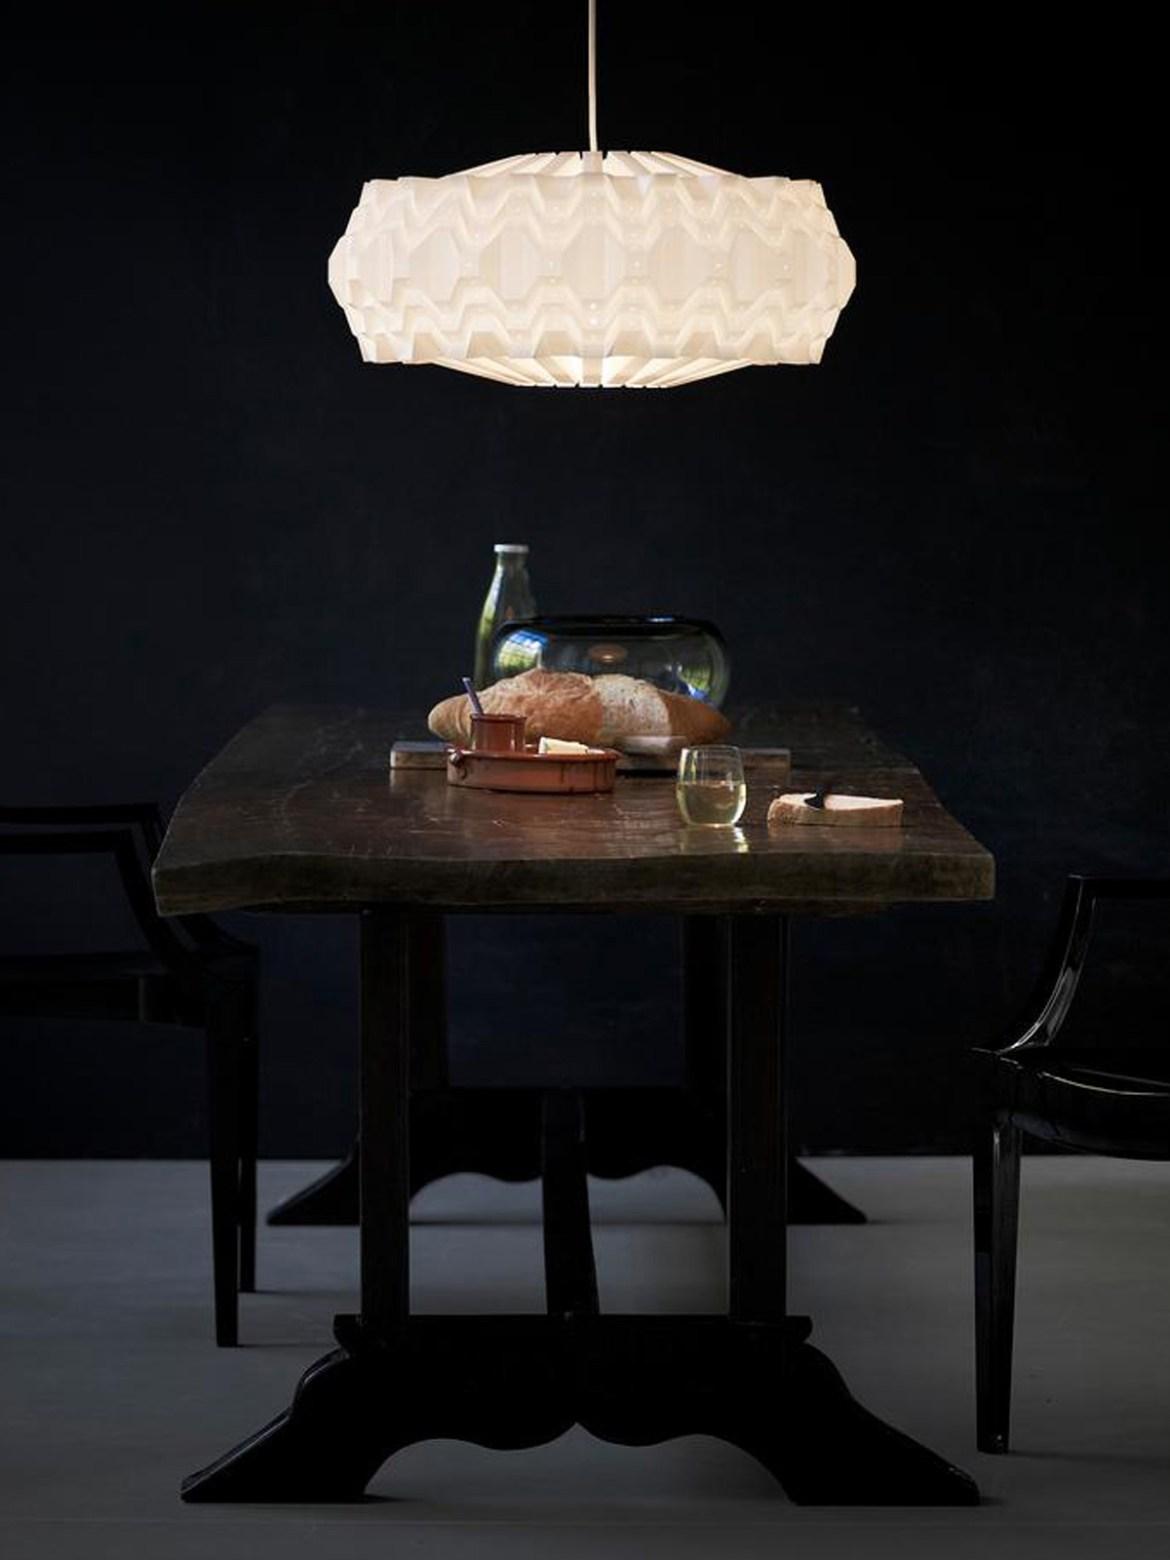 DesignOrt Blog: Trommelförmige Designerleuchten Cassiopeia 150 Leuchte Le Klint